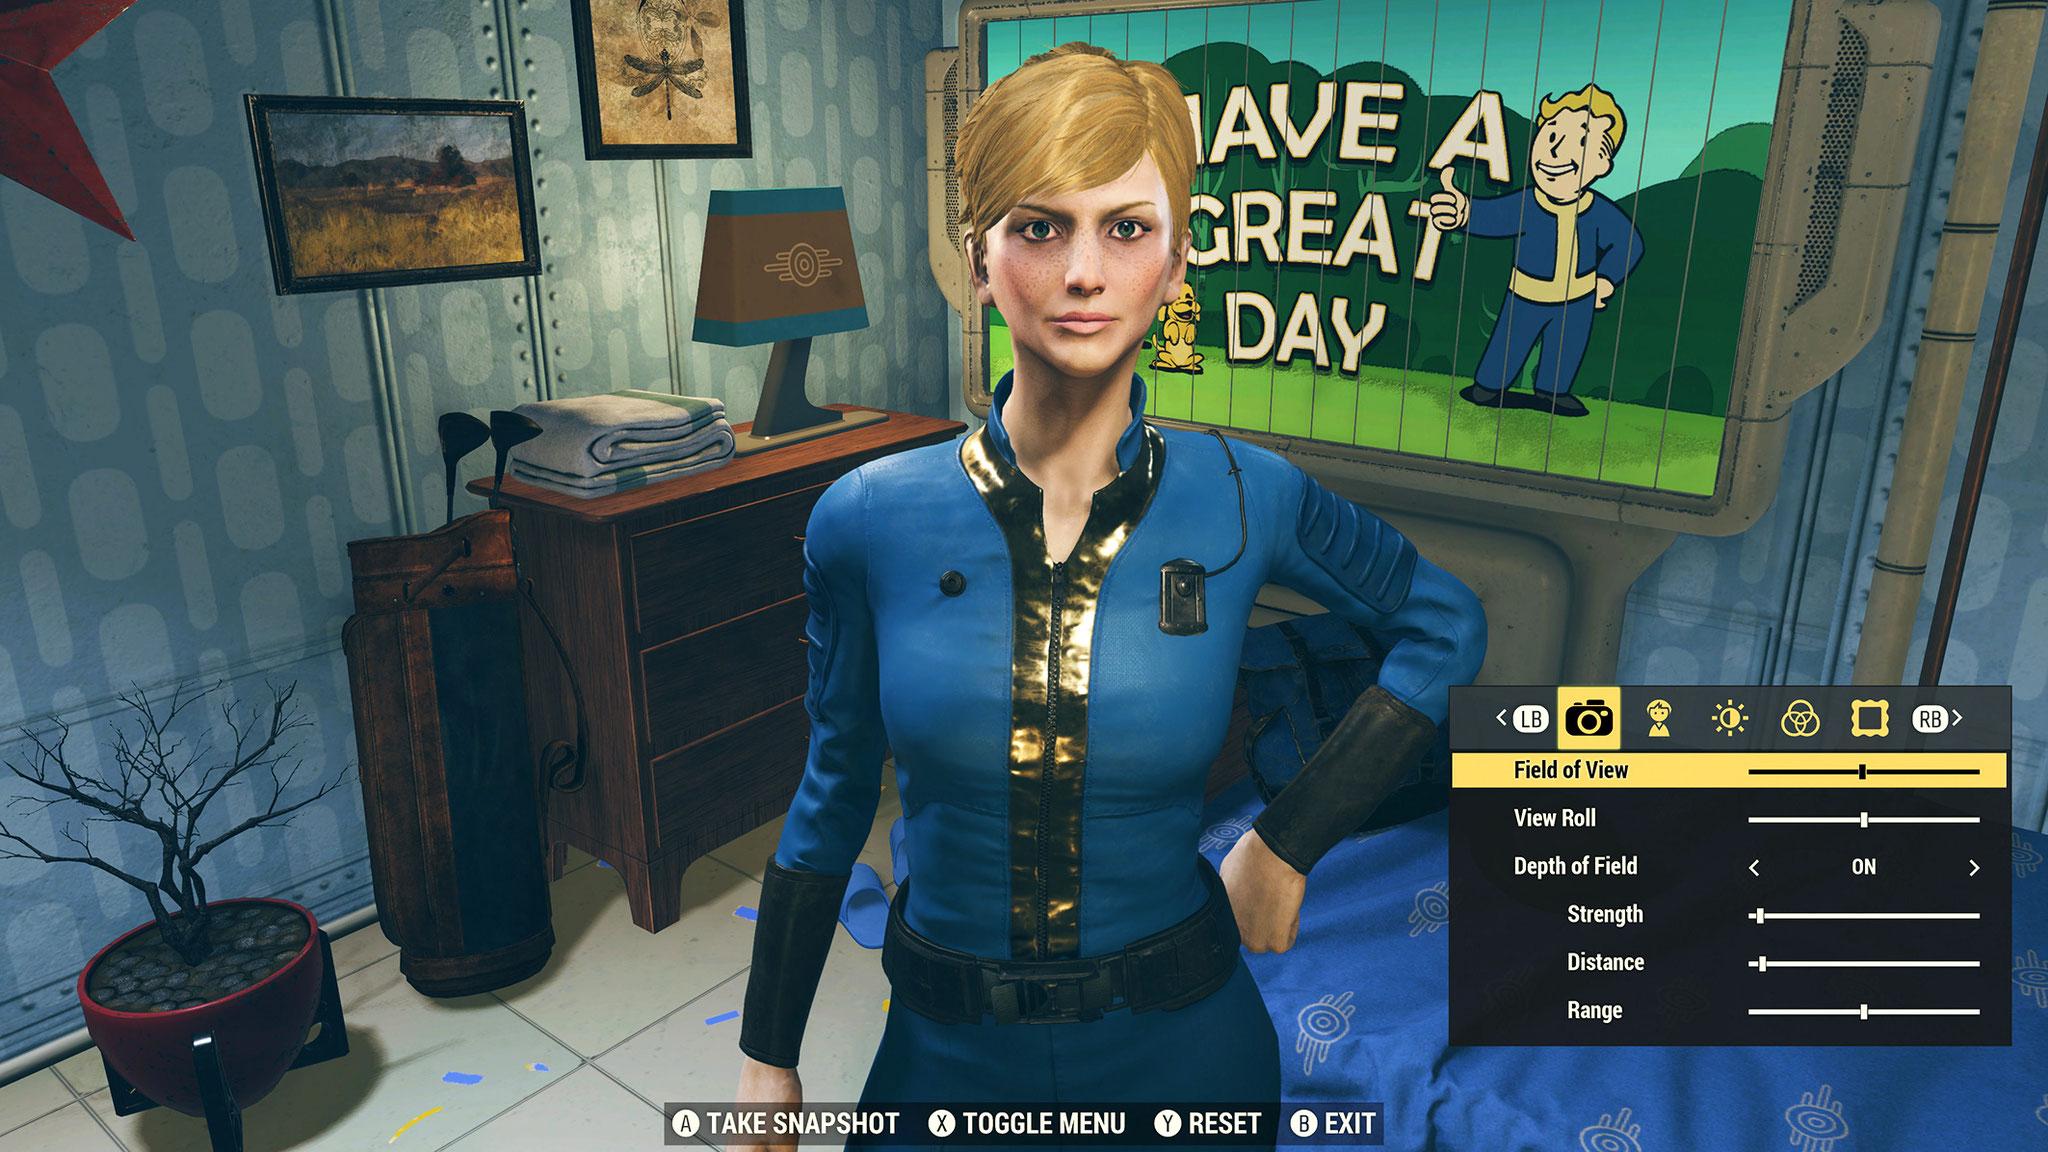 """""""Fallout""""-typisch entwirft man zu Spielbeginn mithilfe eines umfangreichen Charakter-Editors das eigene Alter Ego. Wer sich Mühe gibt, kann sein eigenes Ebenbild erschaffen oder sogar Promis rekonstruieren."""